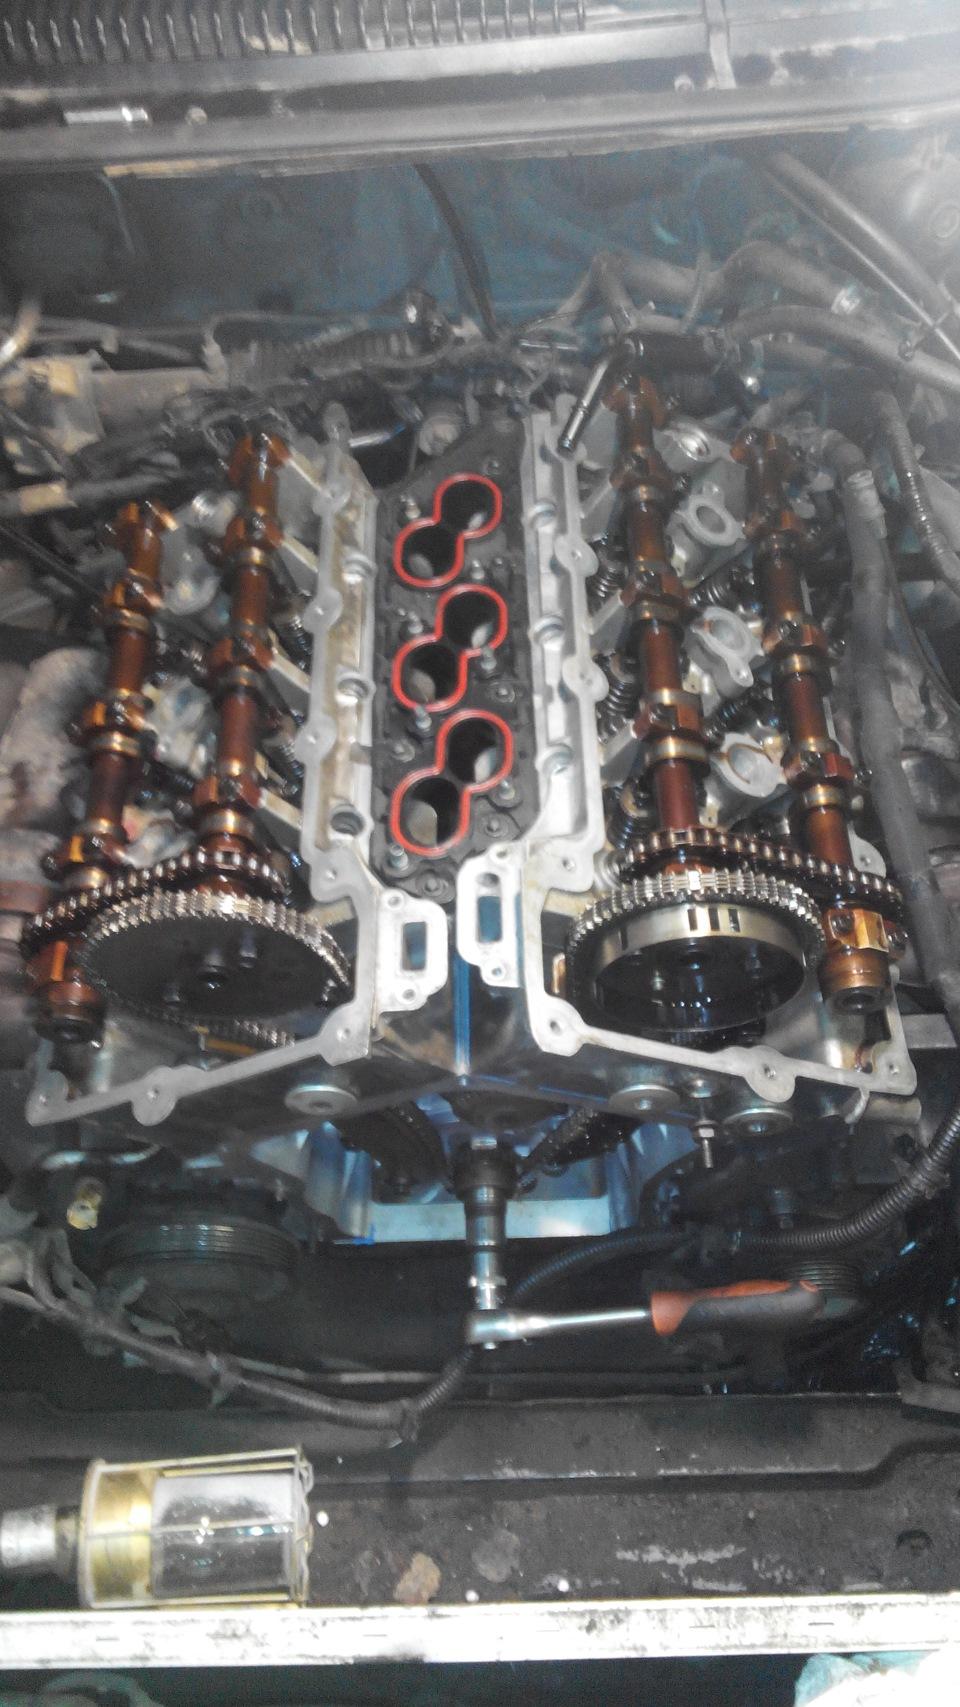 Ремонт двигателя крайслер своими руками